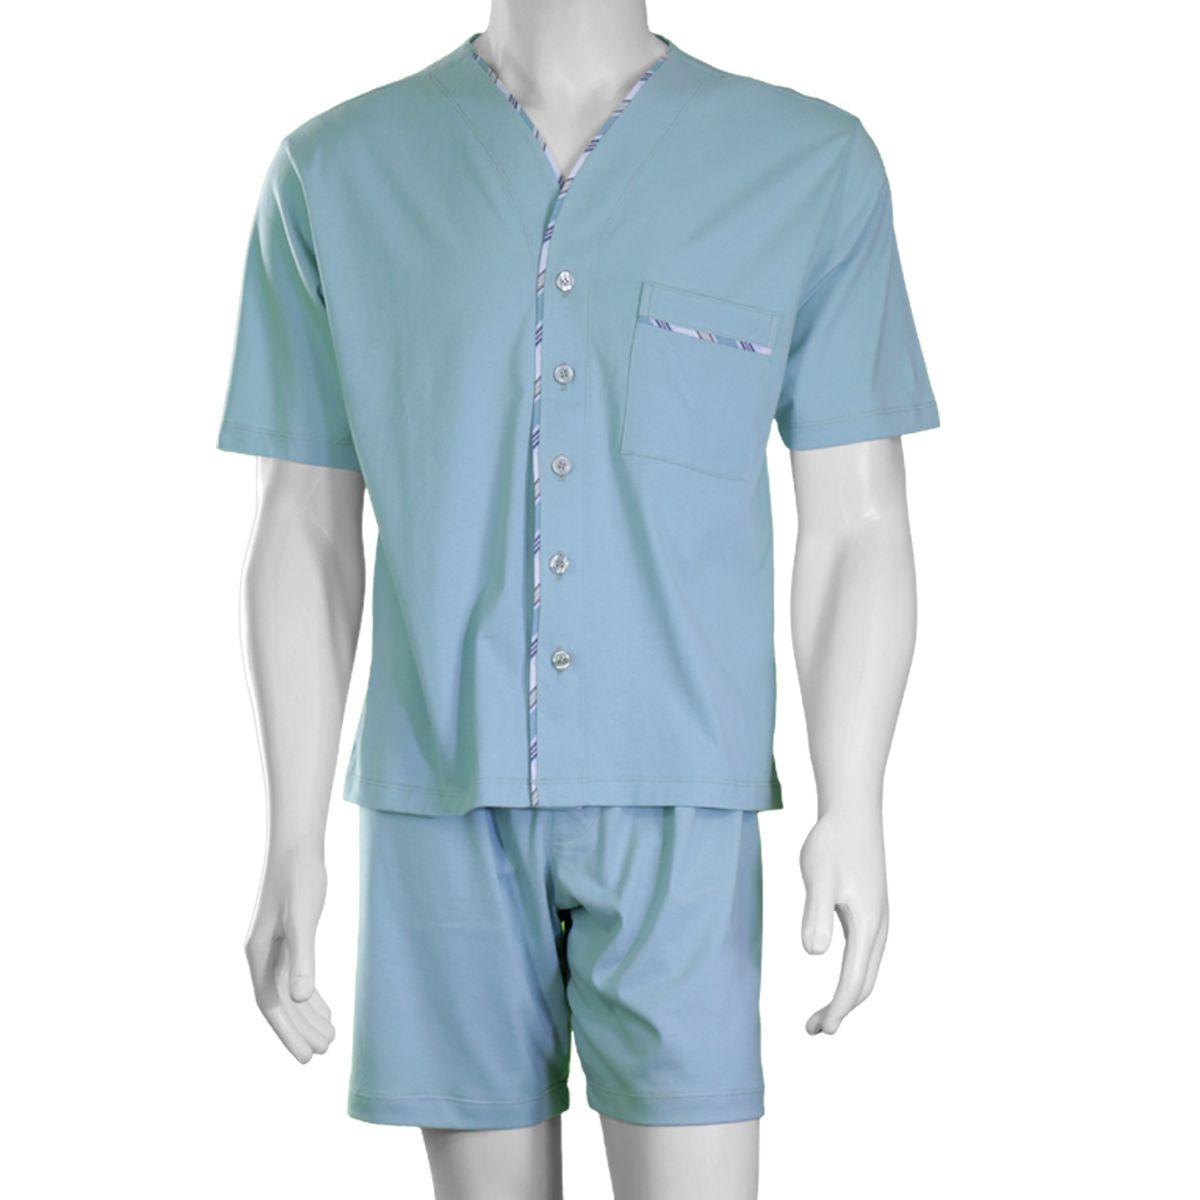 Pijama Masculino Curto Aberto Candisani - 3700